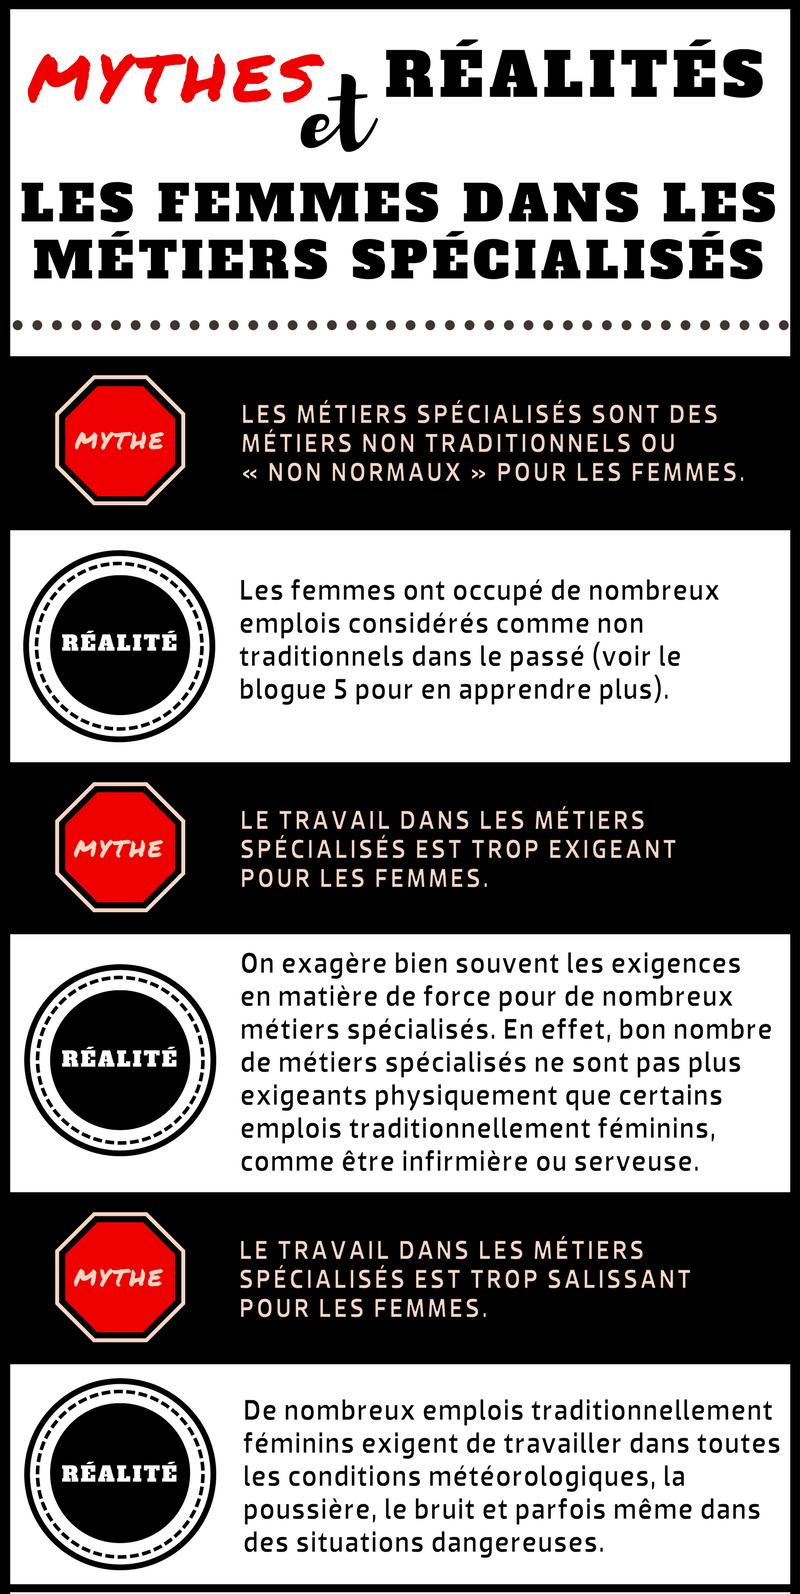 MYTHES ET RÉALITÉS :  LES FEMMES DANS LES MÉTIERS SPÉCIALISÉS